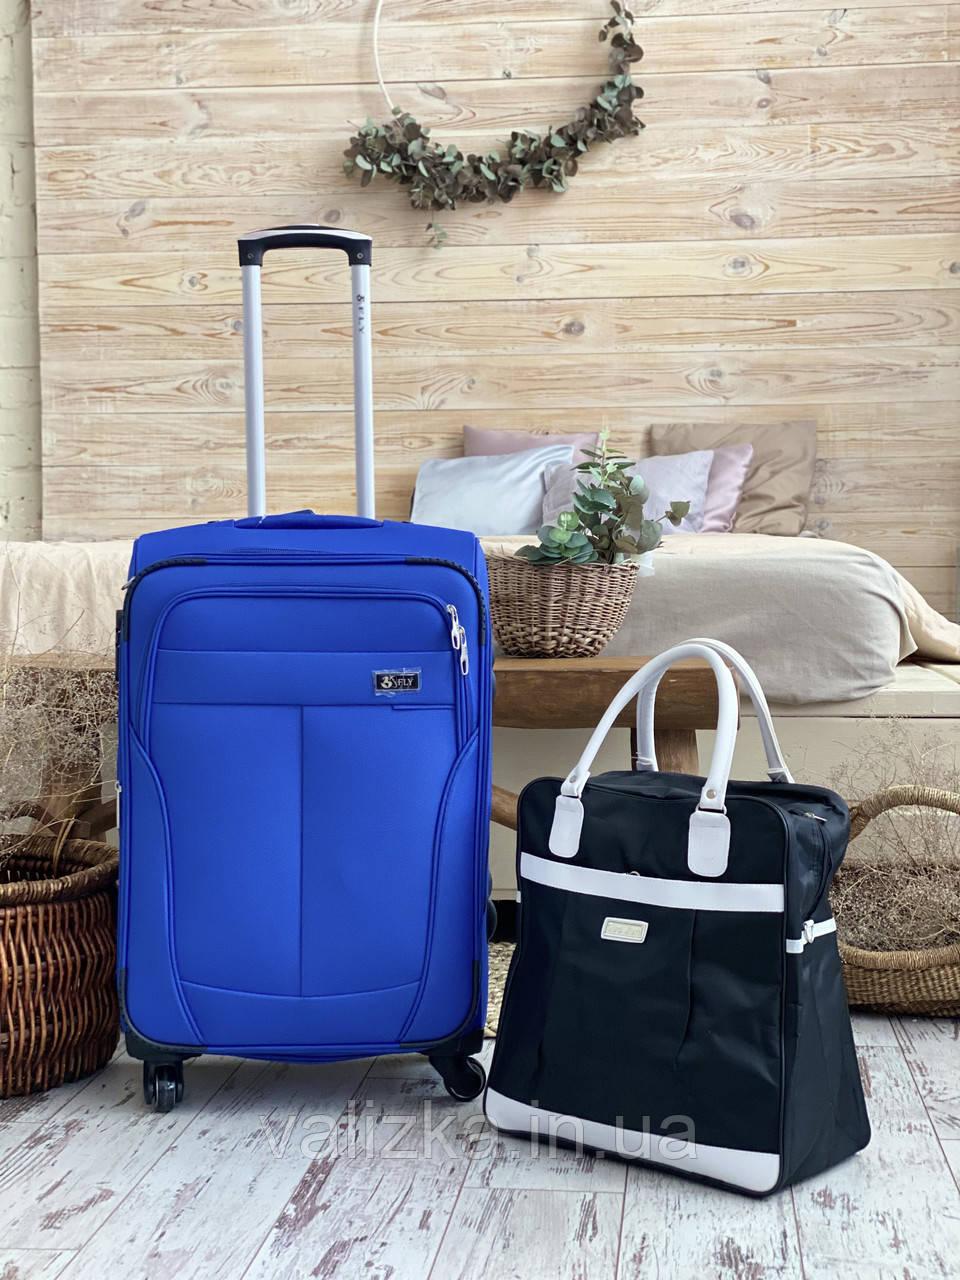 Средний текстильный чемодан тканевый 4 колеса синий